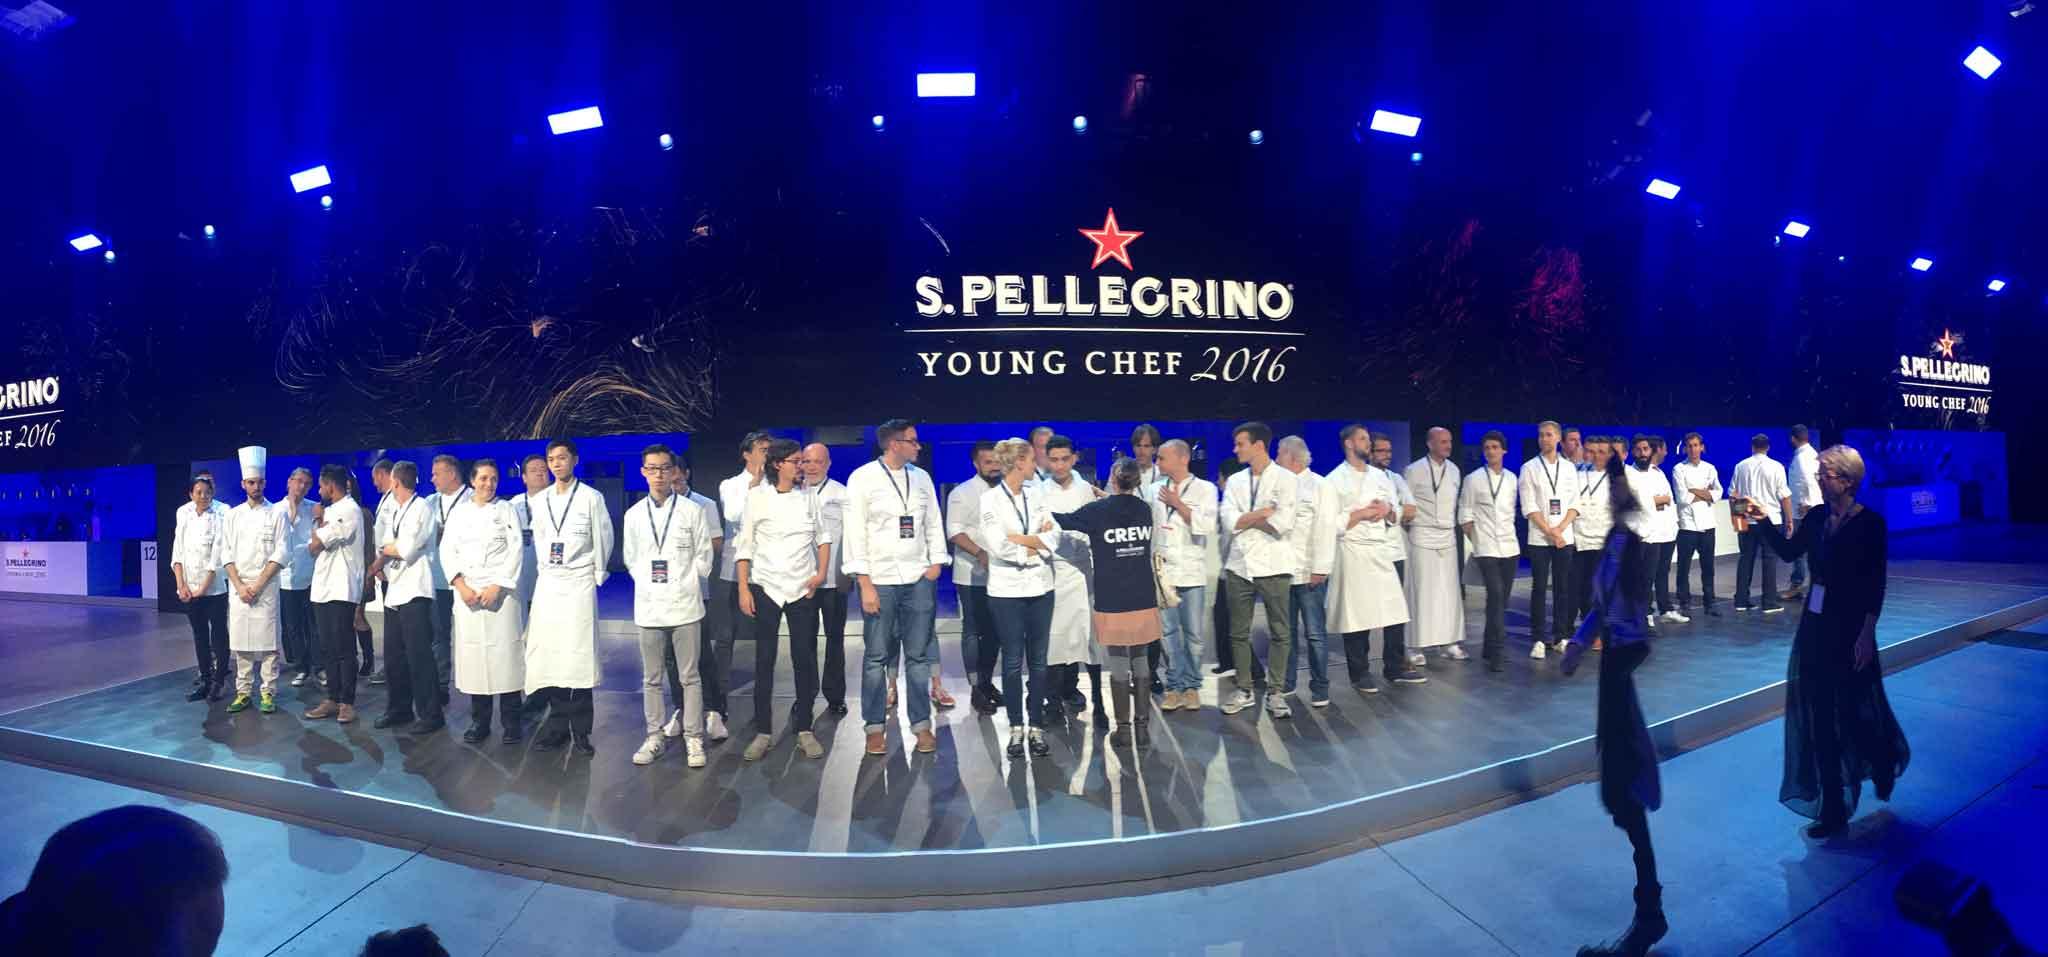 san-pellegrino-young-chef-partecipanti-2016